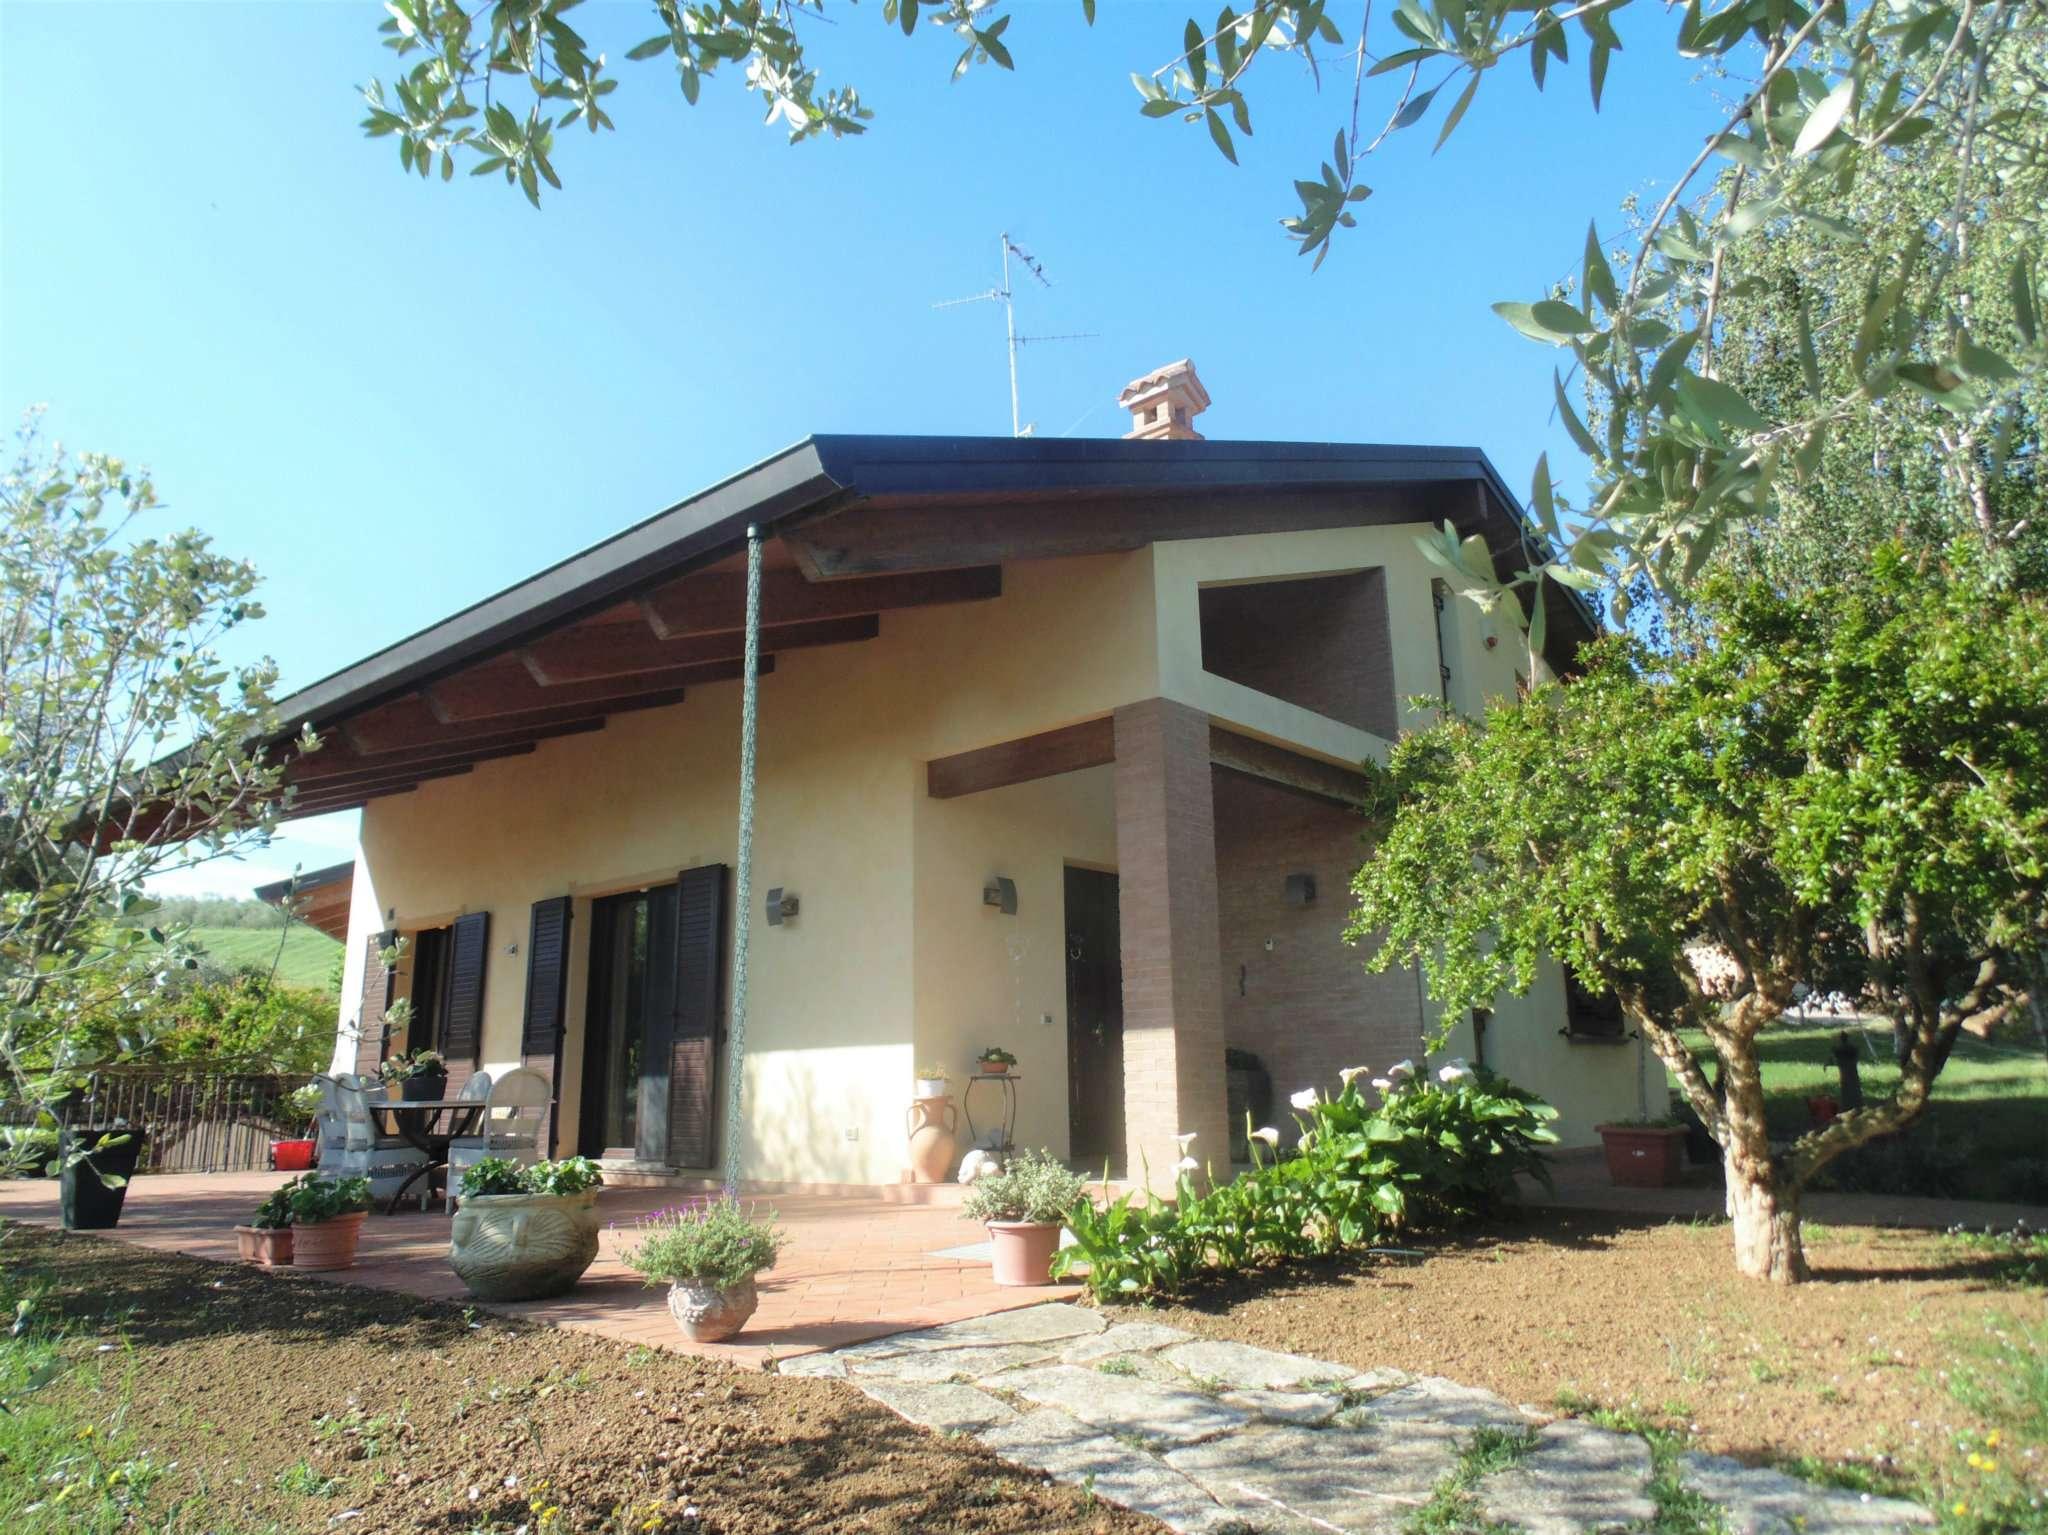 Villa con giardino privato a rimini for Giardino rimini